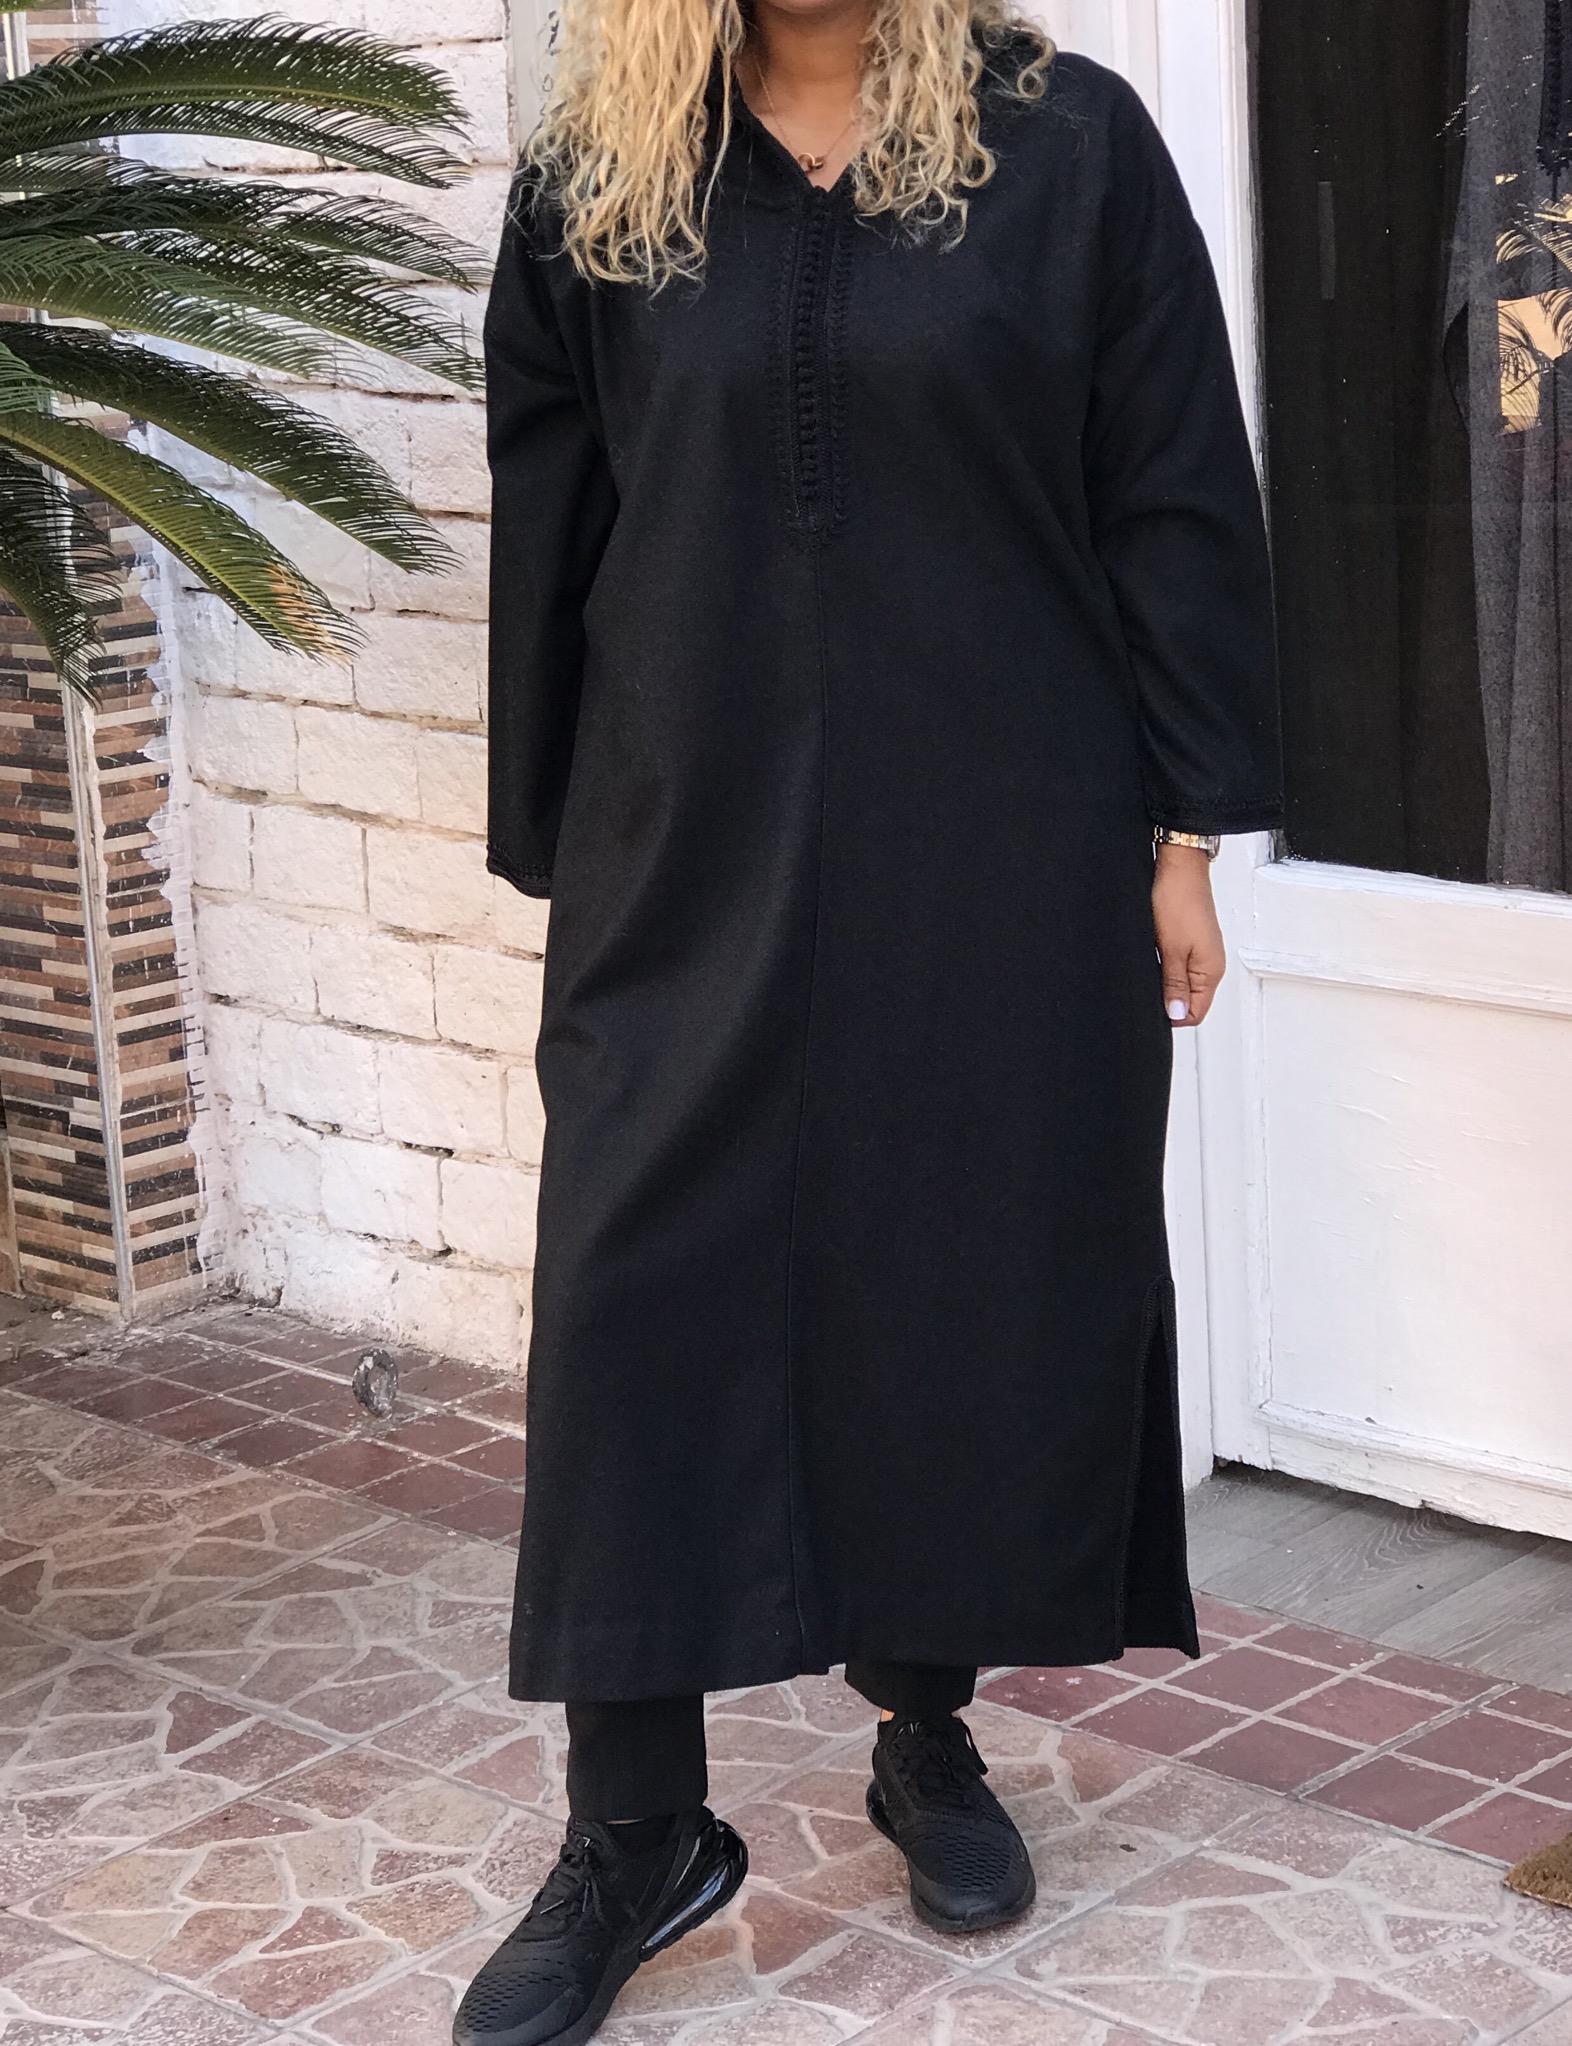 Djellaba tweed black sfifa & debbana black